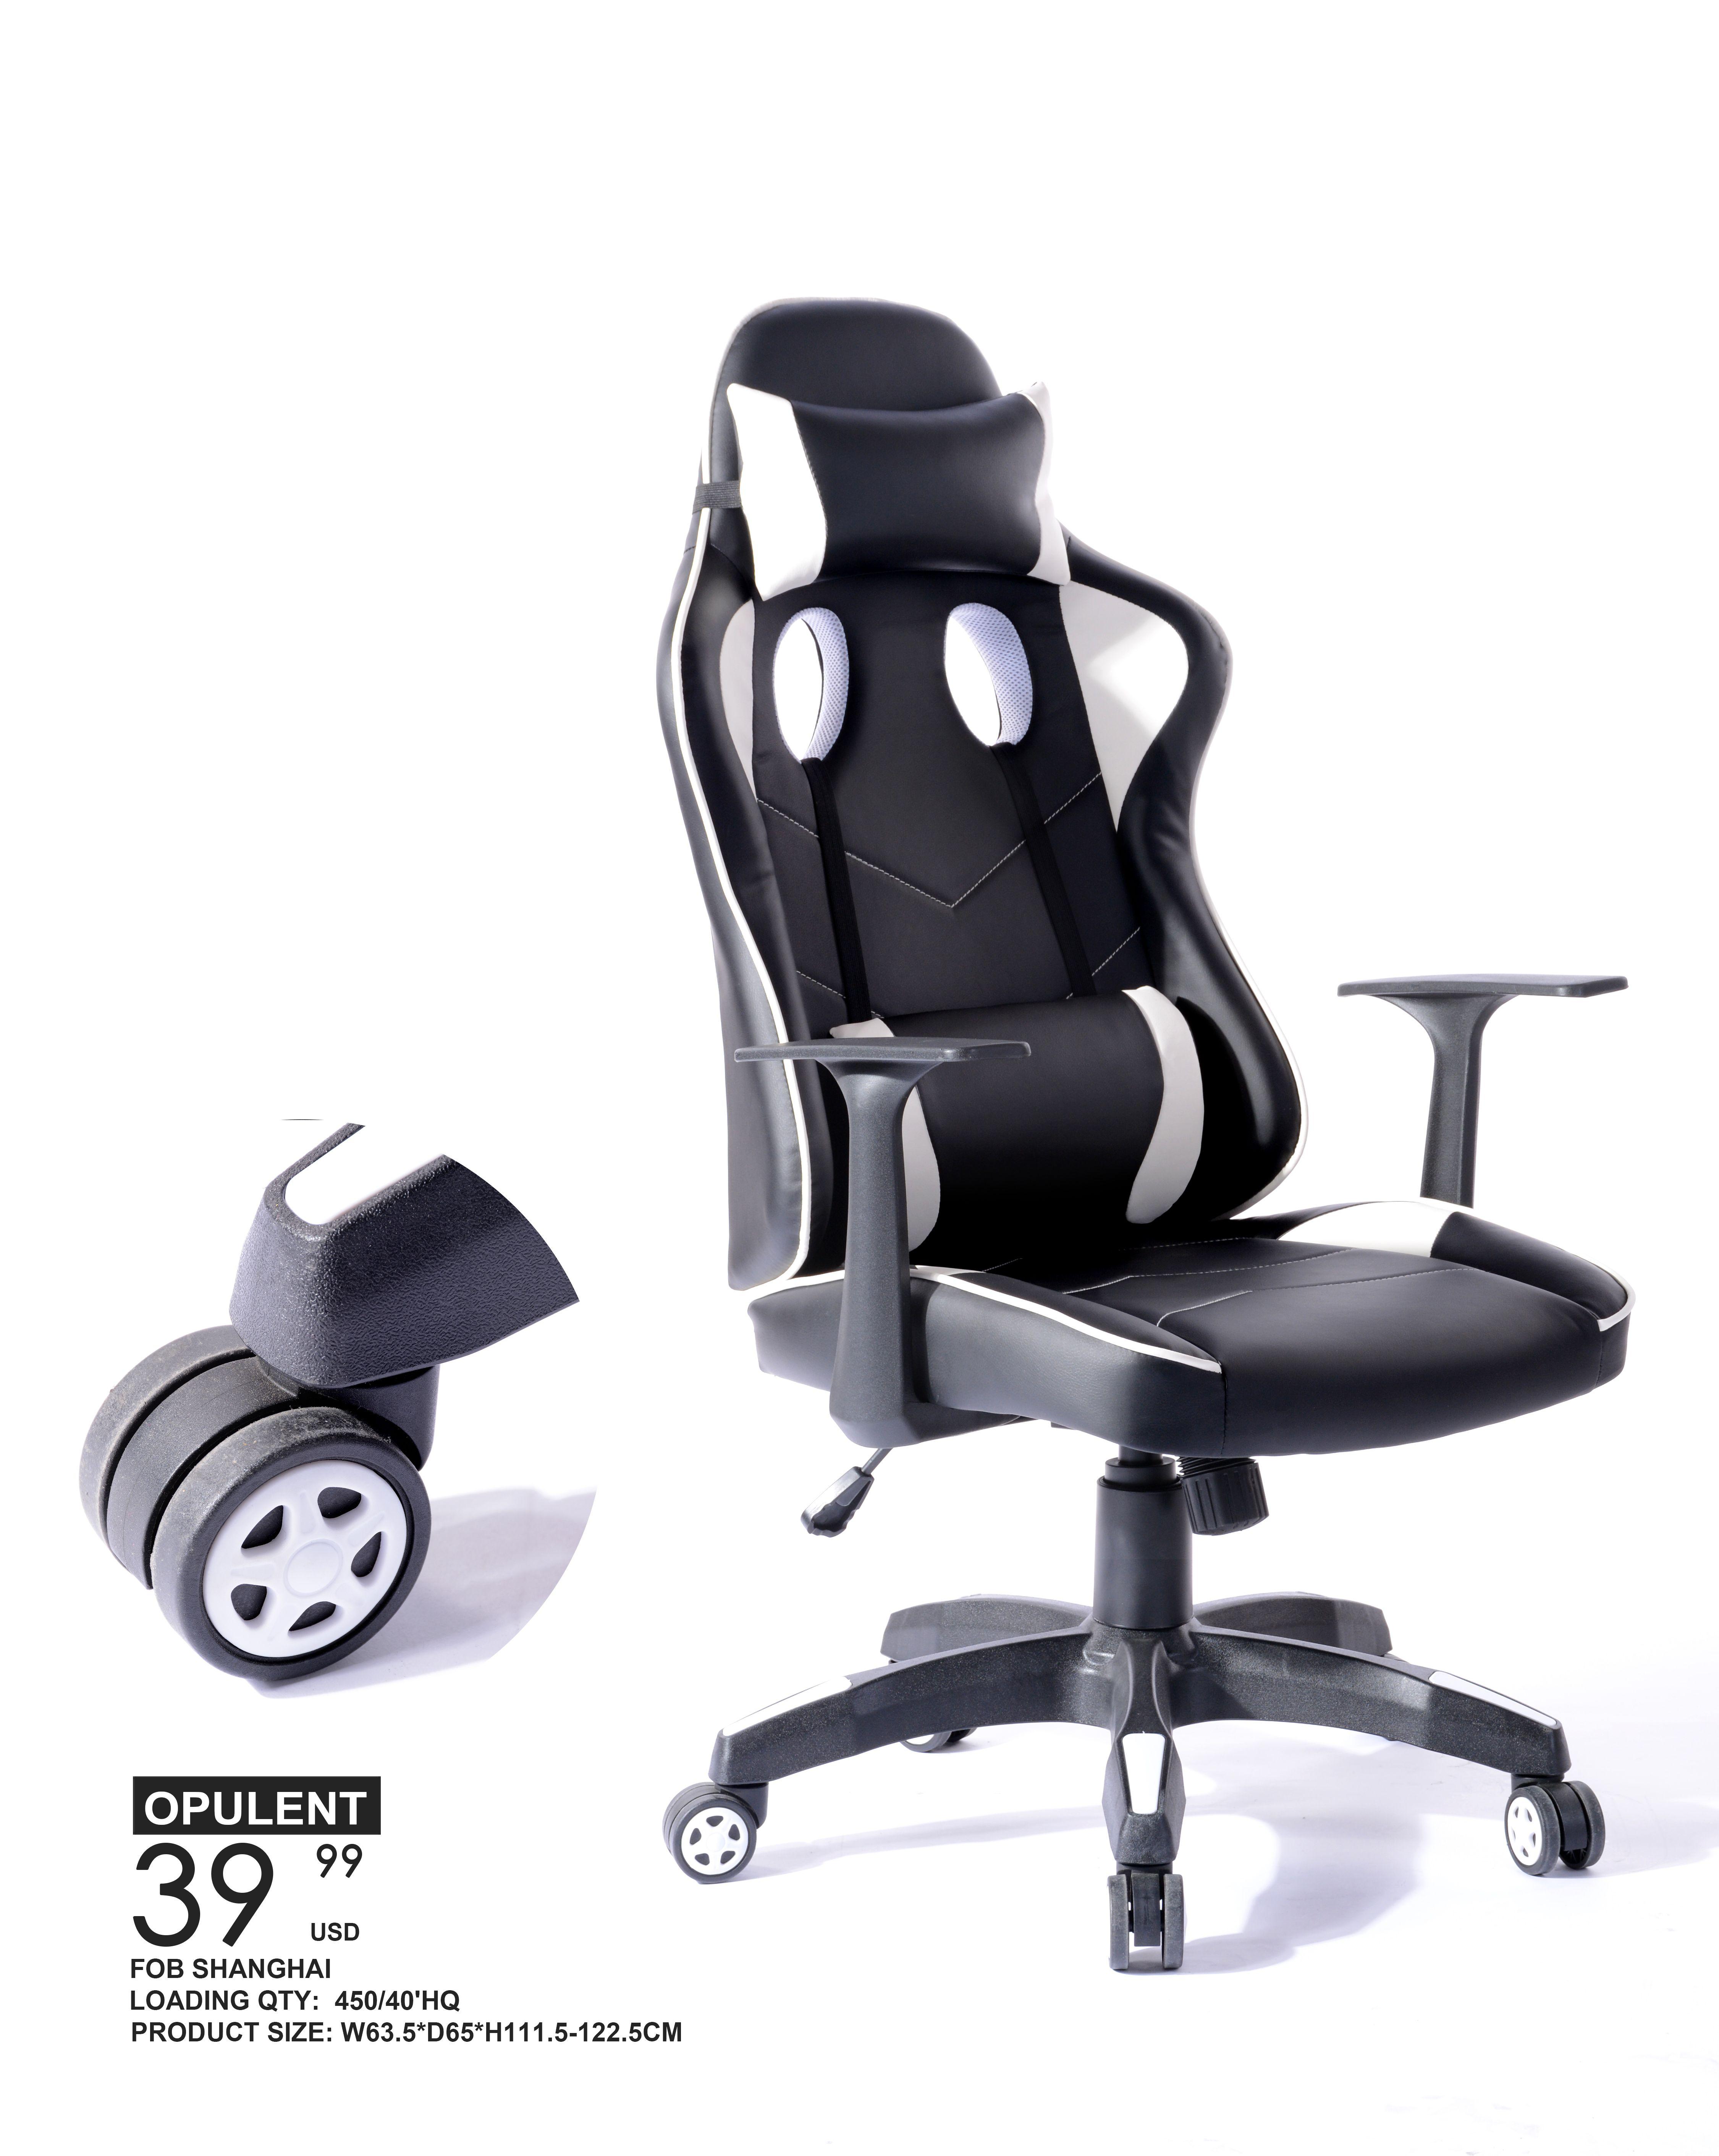 Racing chair, size:63 5*65*111 5-122 5cm  PU